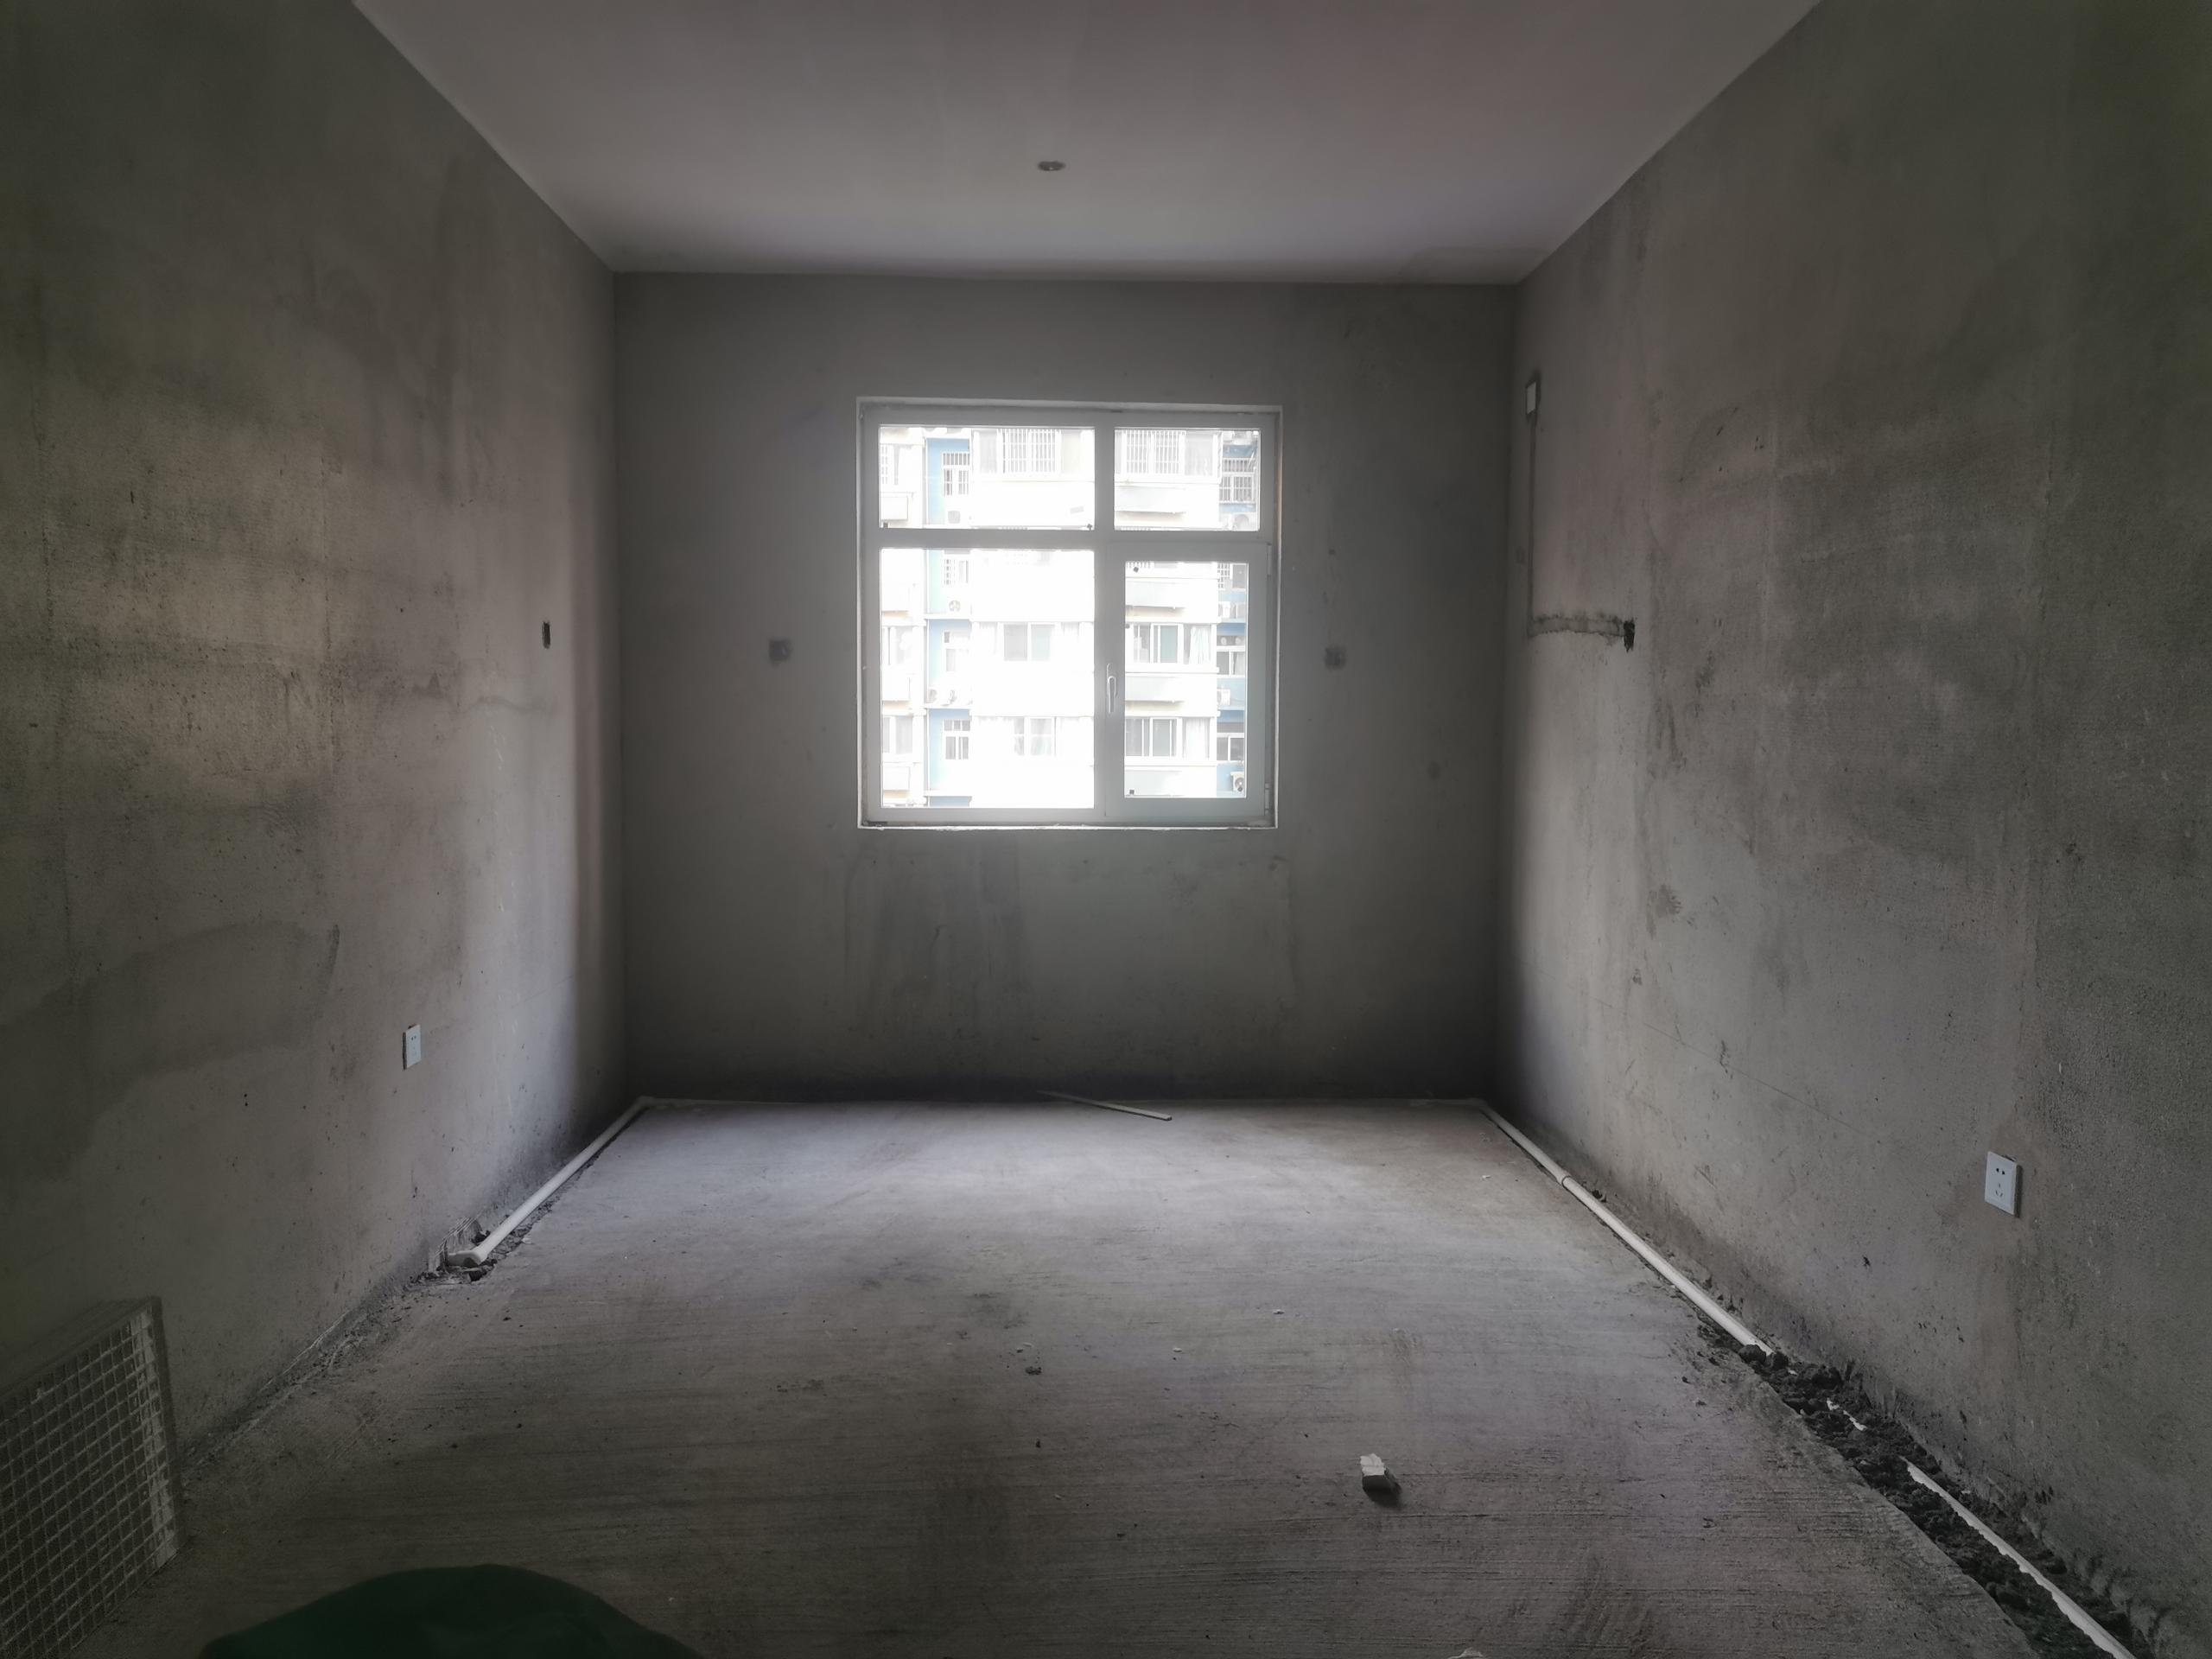 安居东城对过 金能小区二期 准现房 可贷款经典好户型